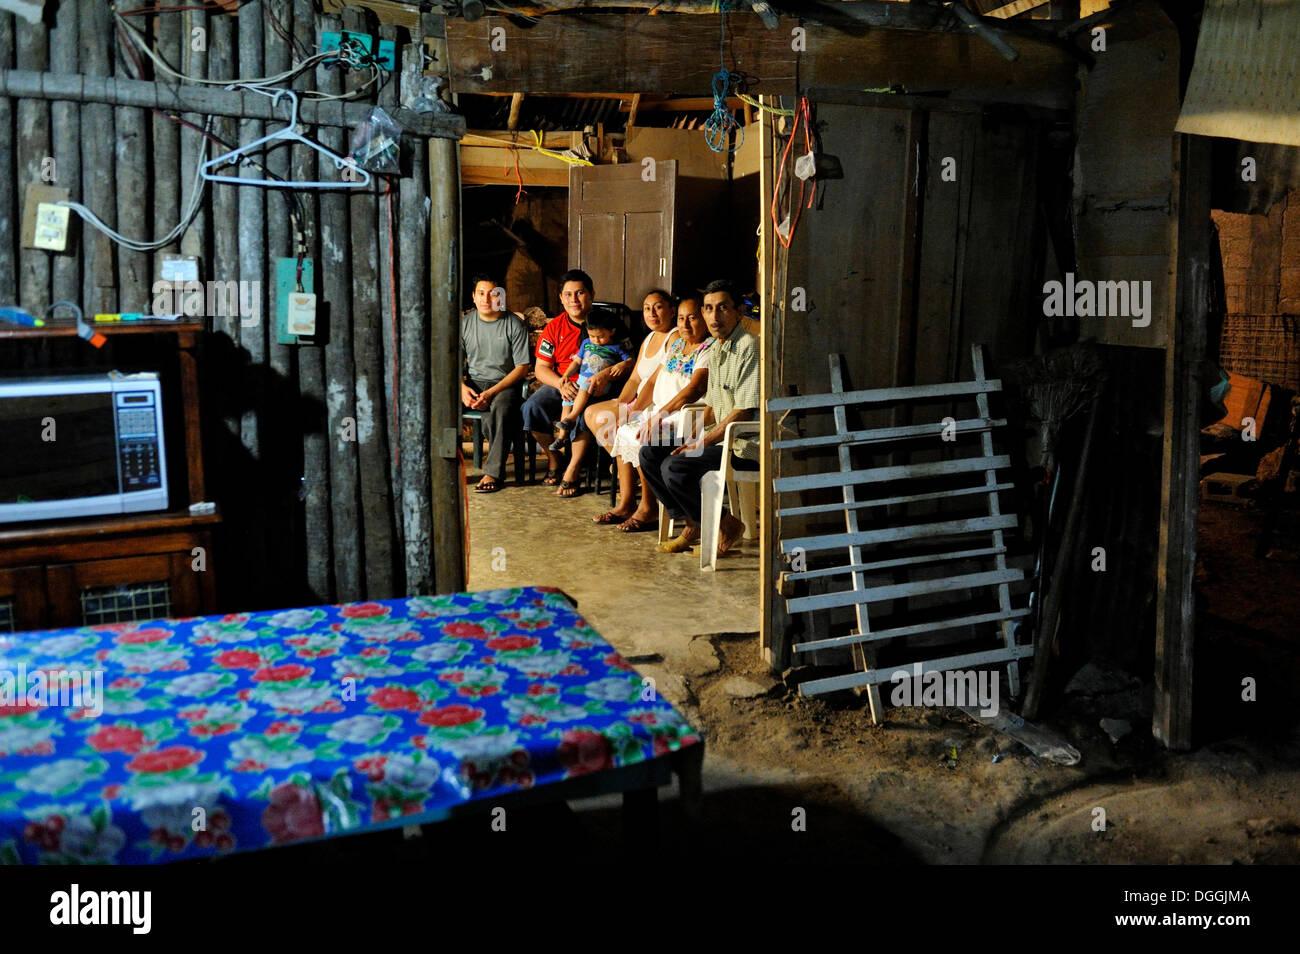 Famille d'un couple qui travaille dans l'industrie du tourisme, les gens assis dans une humble cabane en bois dans la nuit Photo Stock